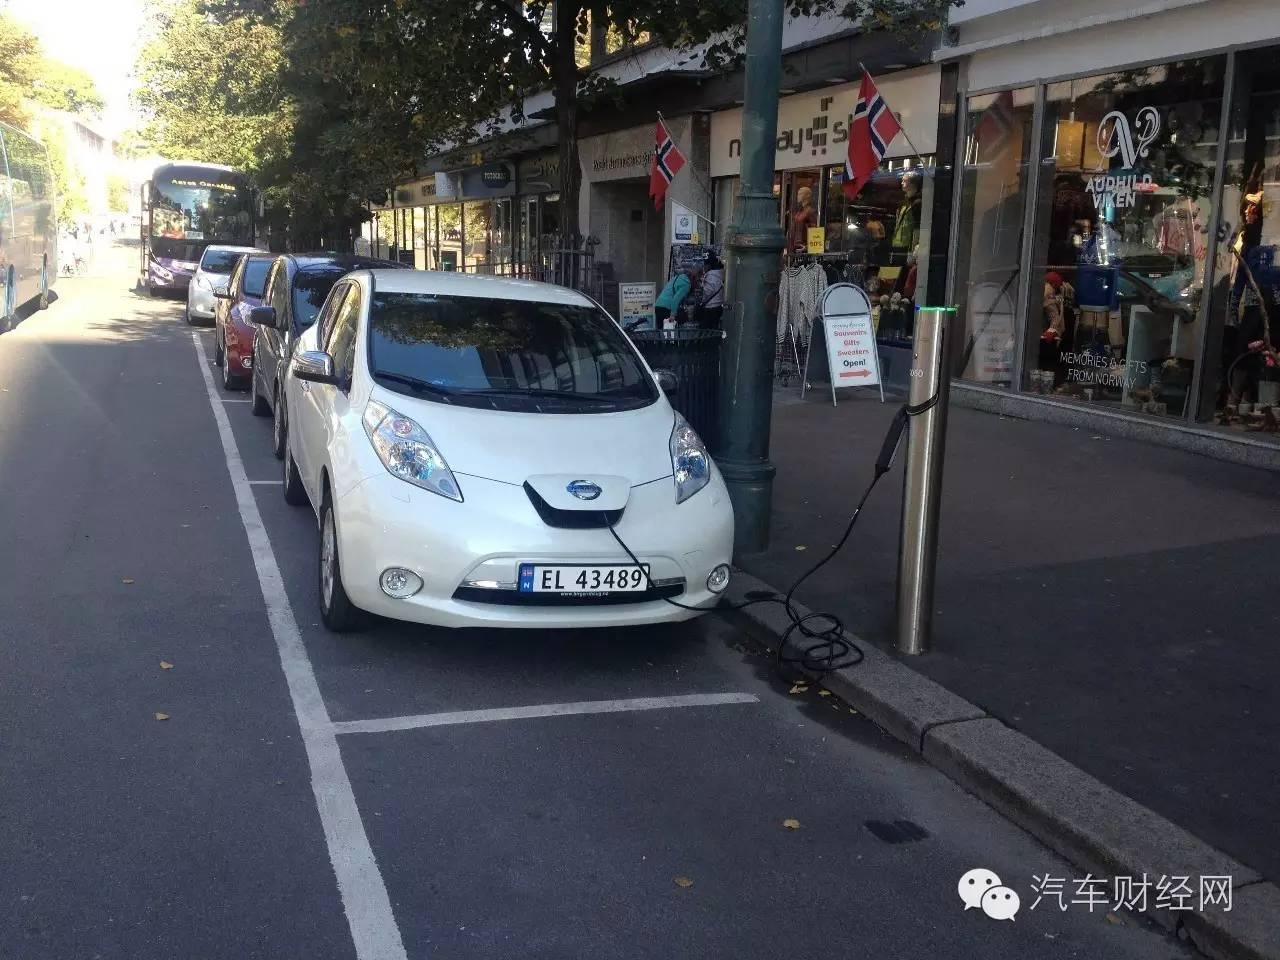 【AB时评】新能源汽车仍是大势所趋